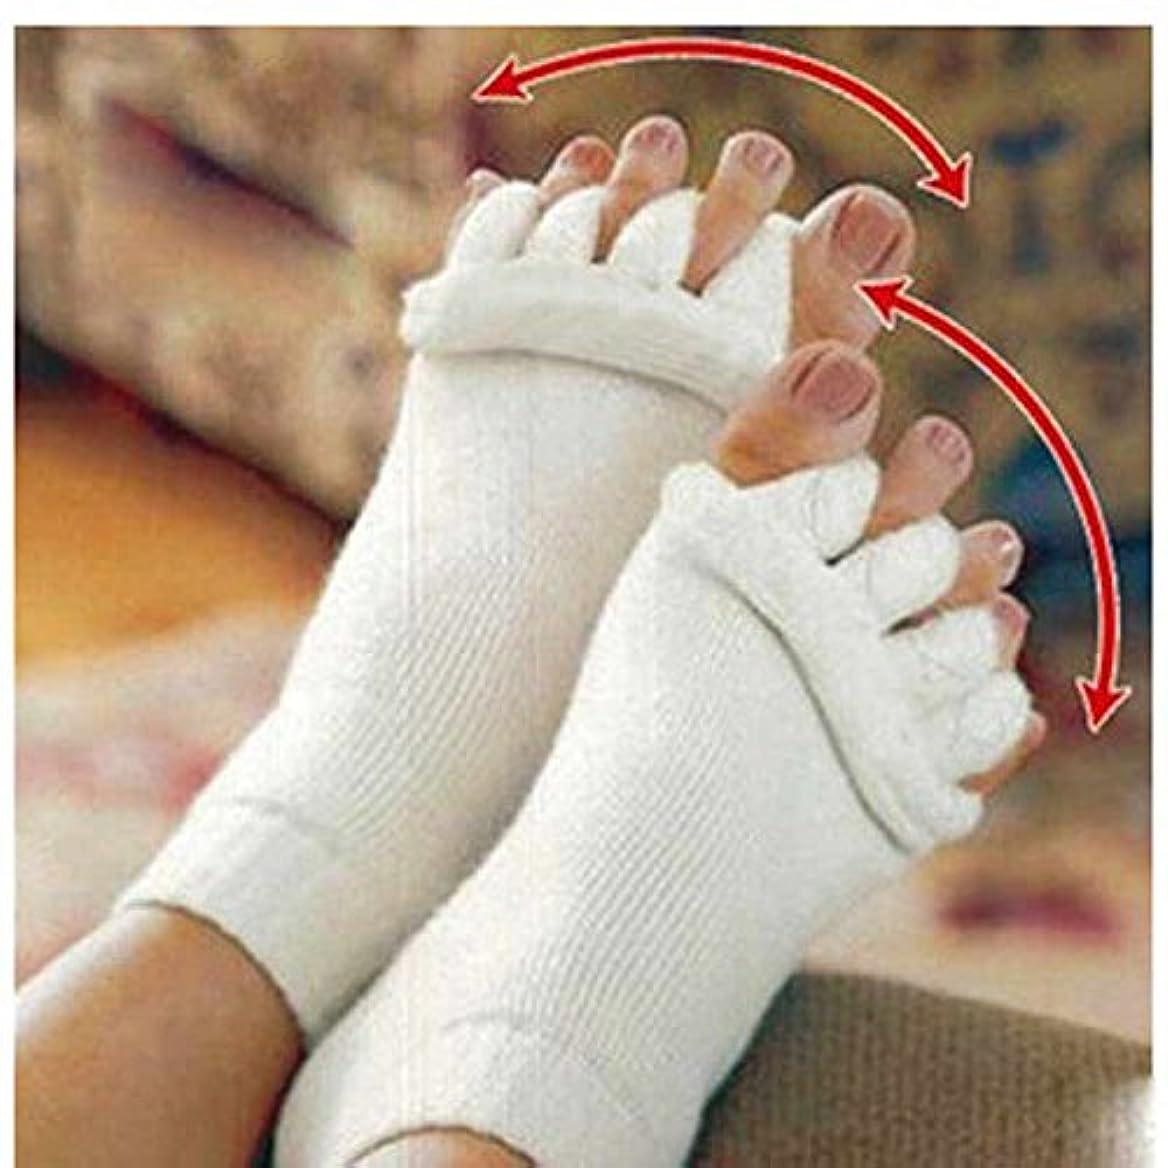 エリート砲兵飼料Lorny(TM) 2個マッサージファイブつま先ソックス指セパレーター骨の親指女性ソックスのためにコレクターの痛みを軽減するソックスペディキュア足セパレーターについて